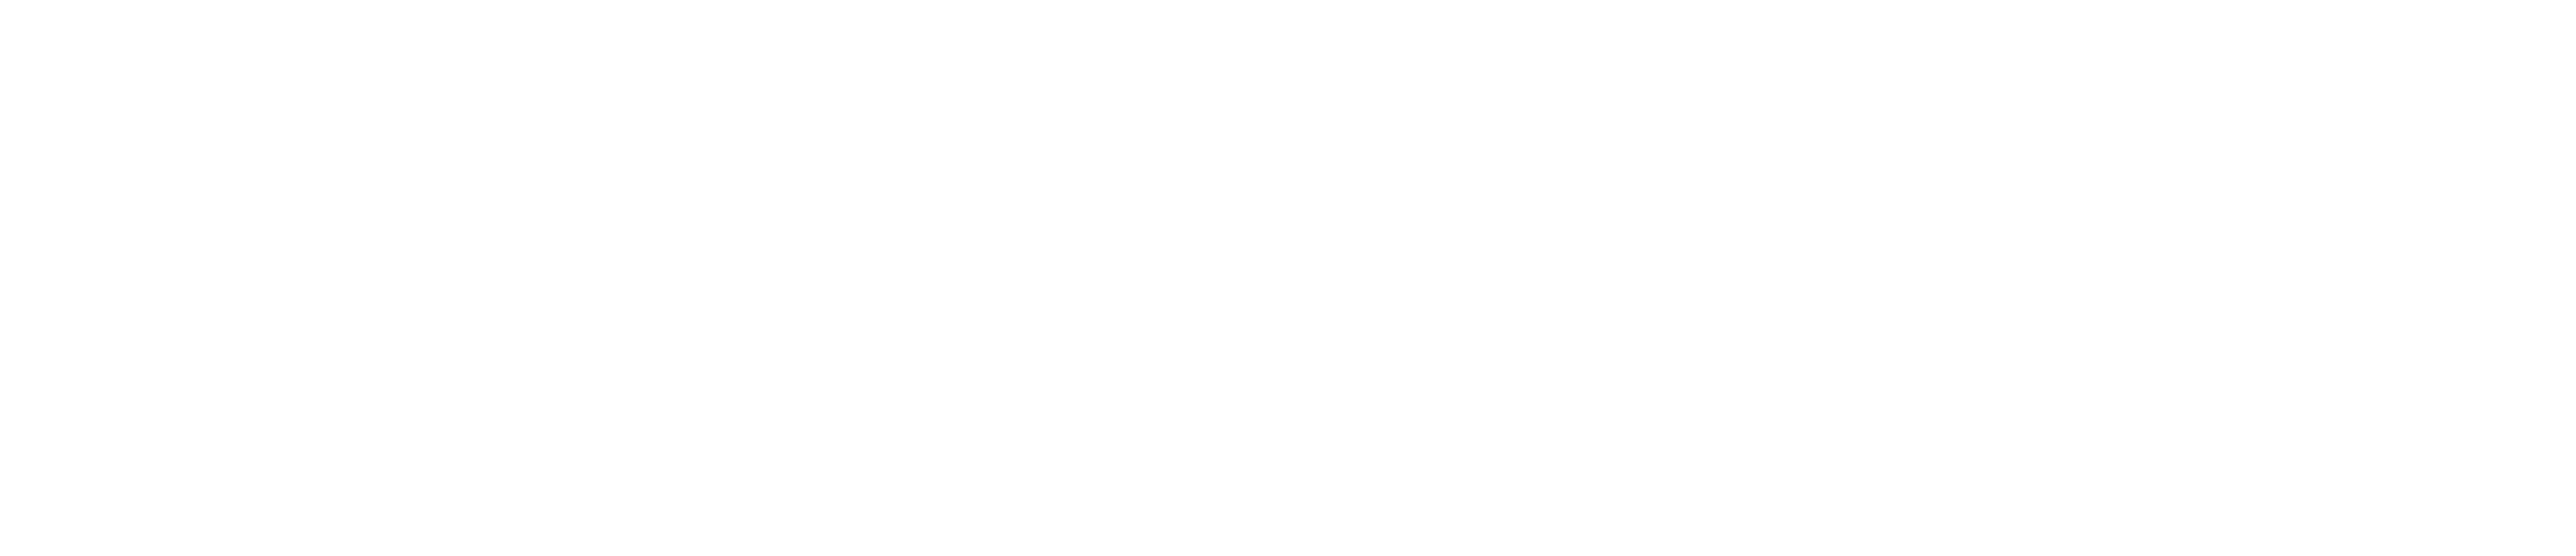 stradalli_logo_shield_com_wht